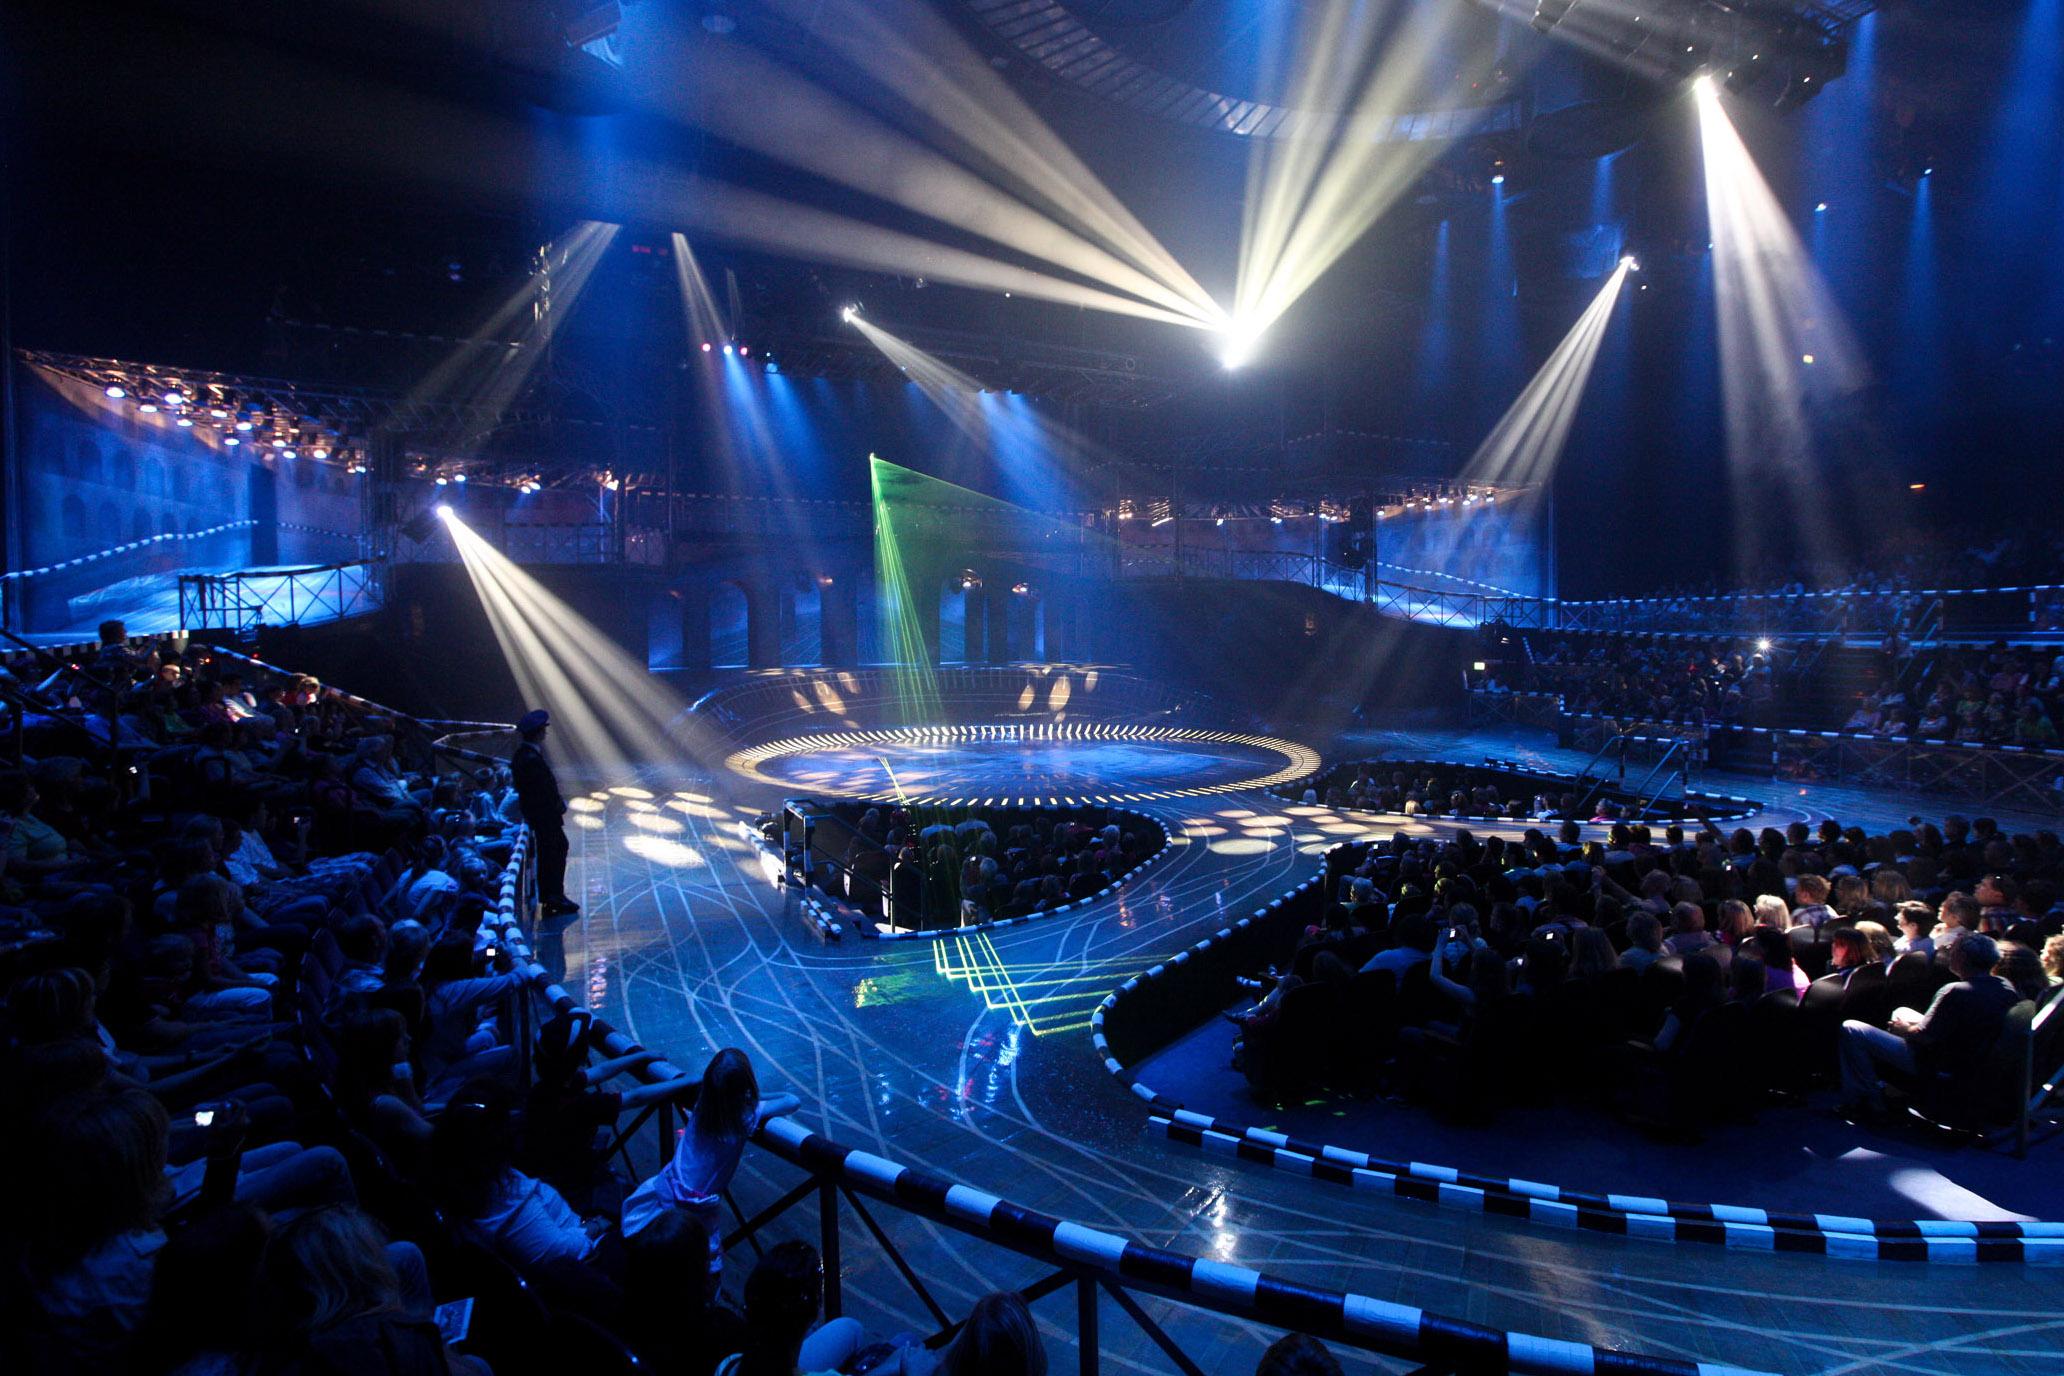 Das Foto zeigt den Innenraum des Starlight Express Theaters in Bochum